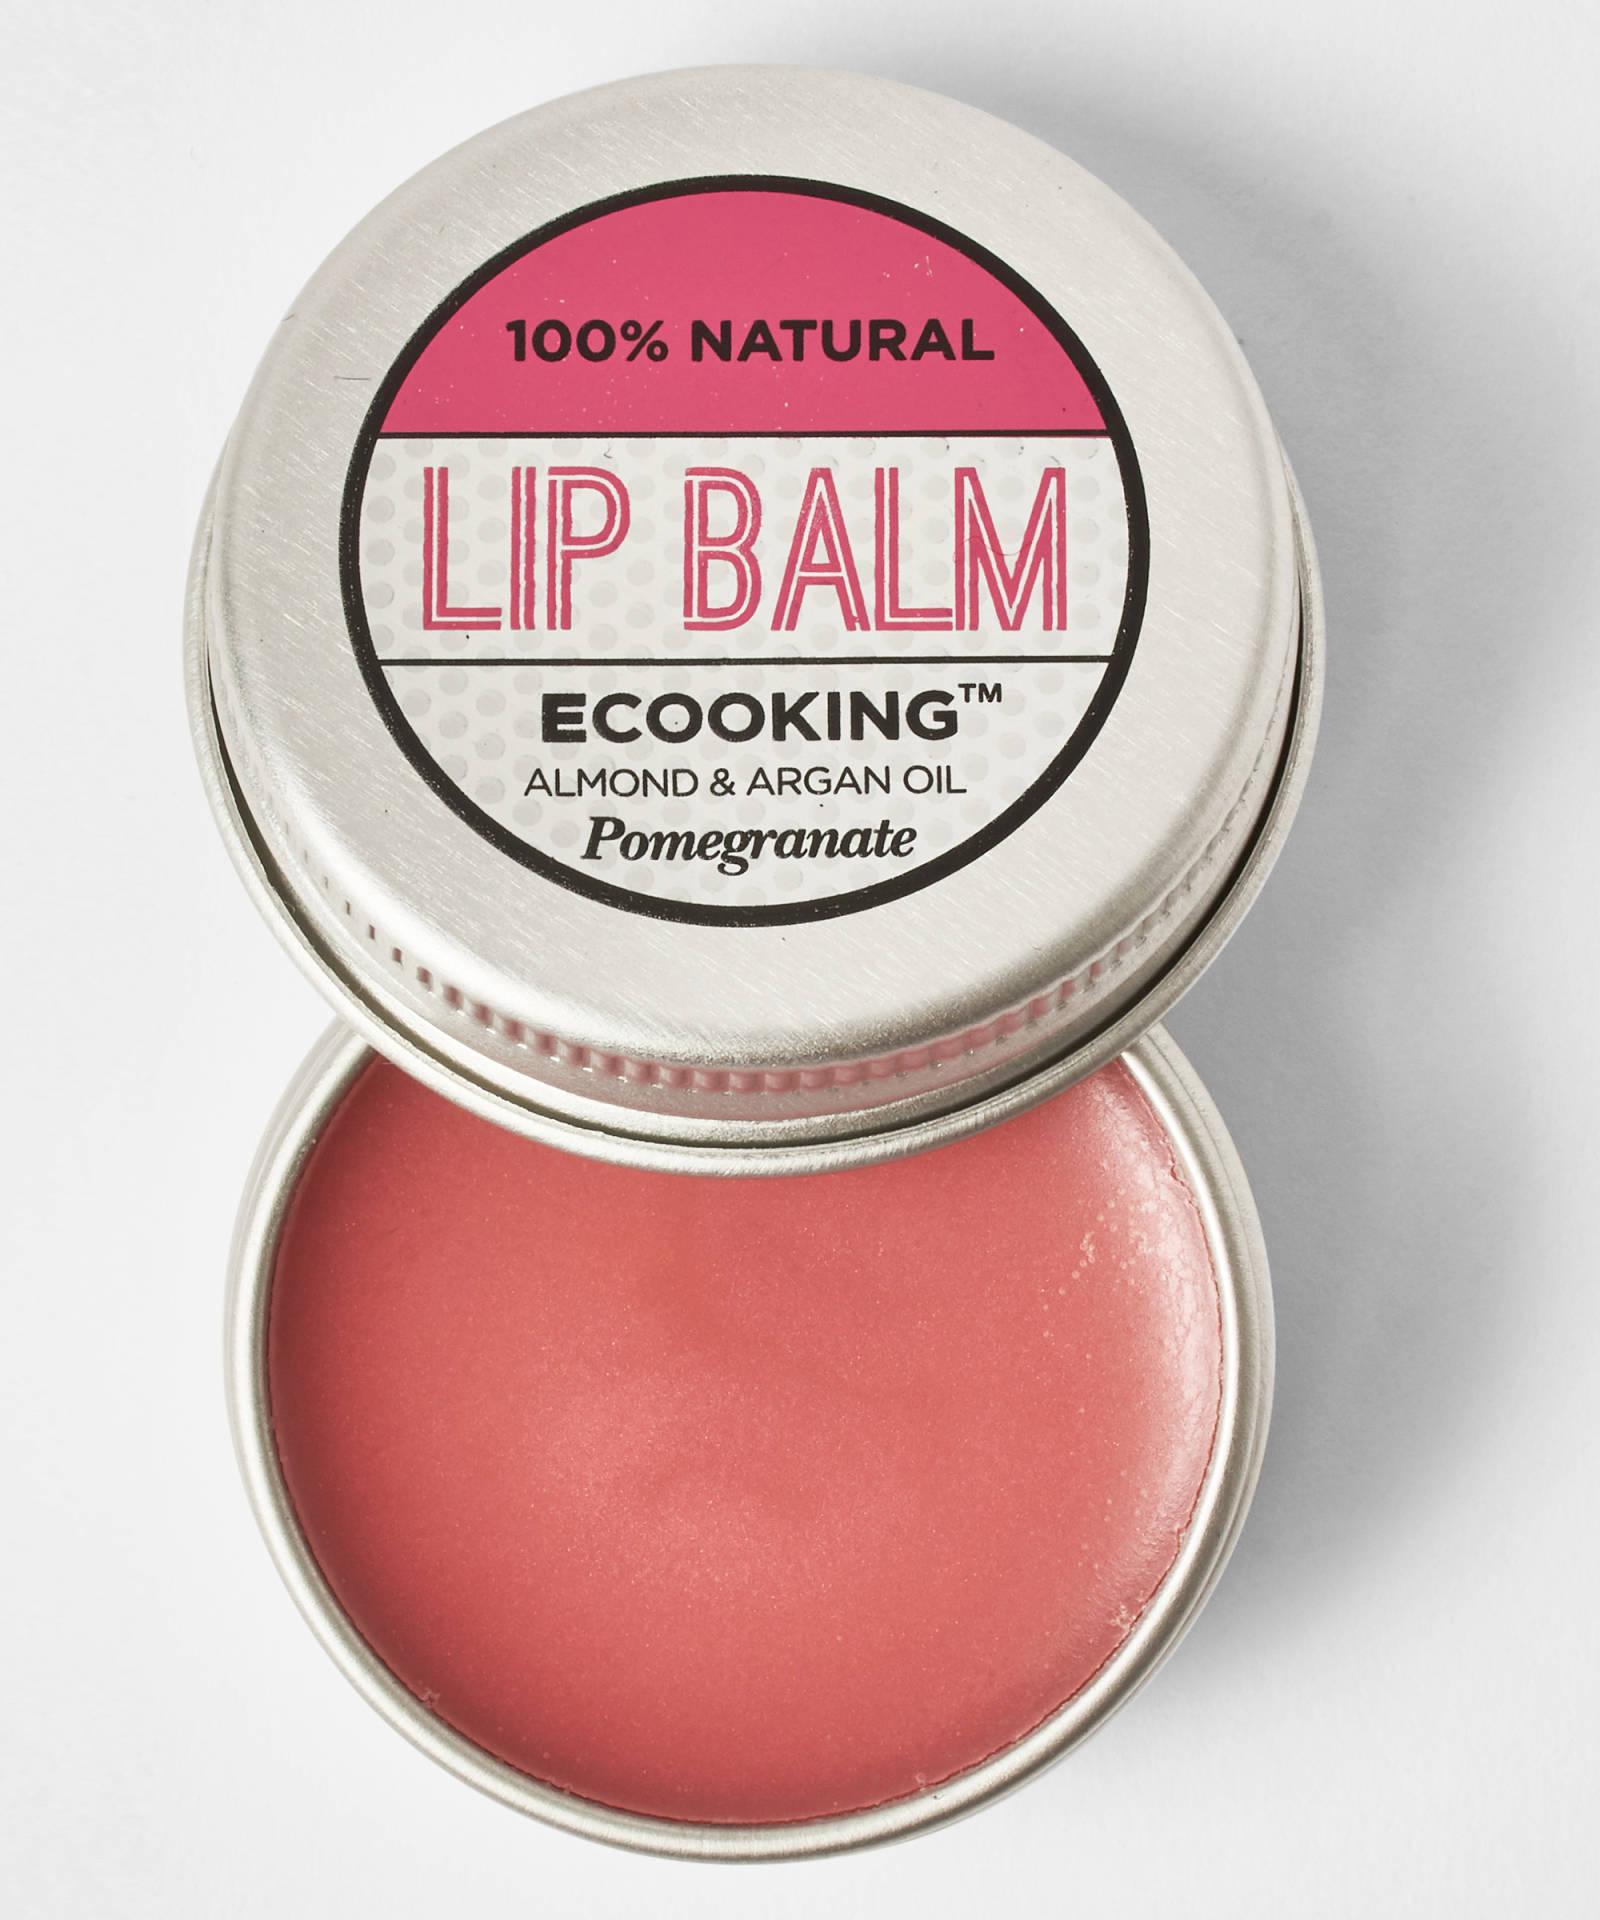 ECooking Lip Balm, 19лв./15 ml И с аромат на нар - ммм, ДА!